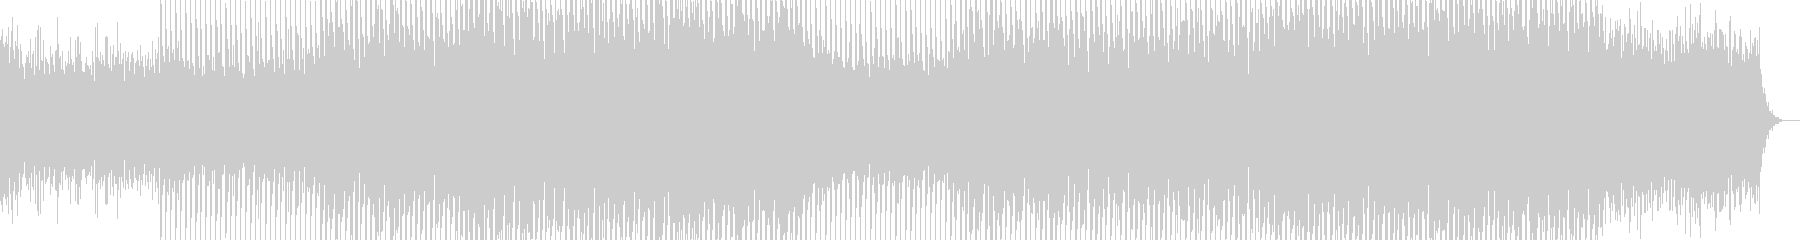 EDMクラブ系ダンスミュージック-17の未再生の波形